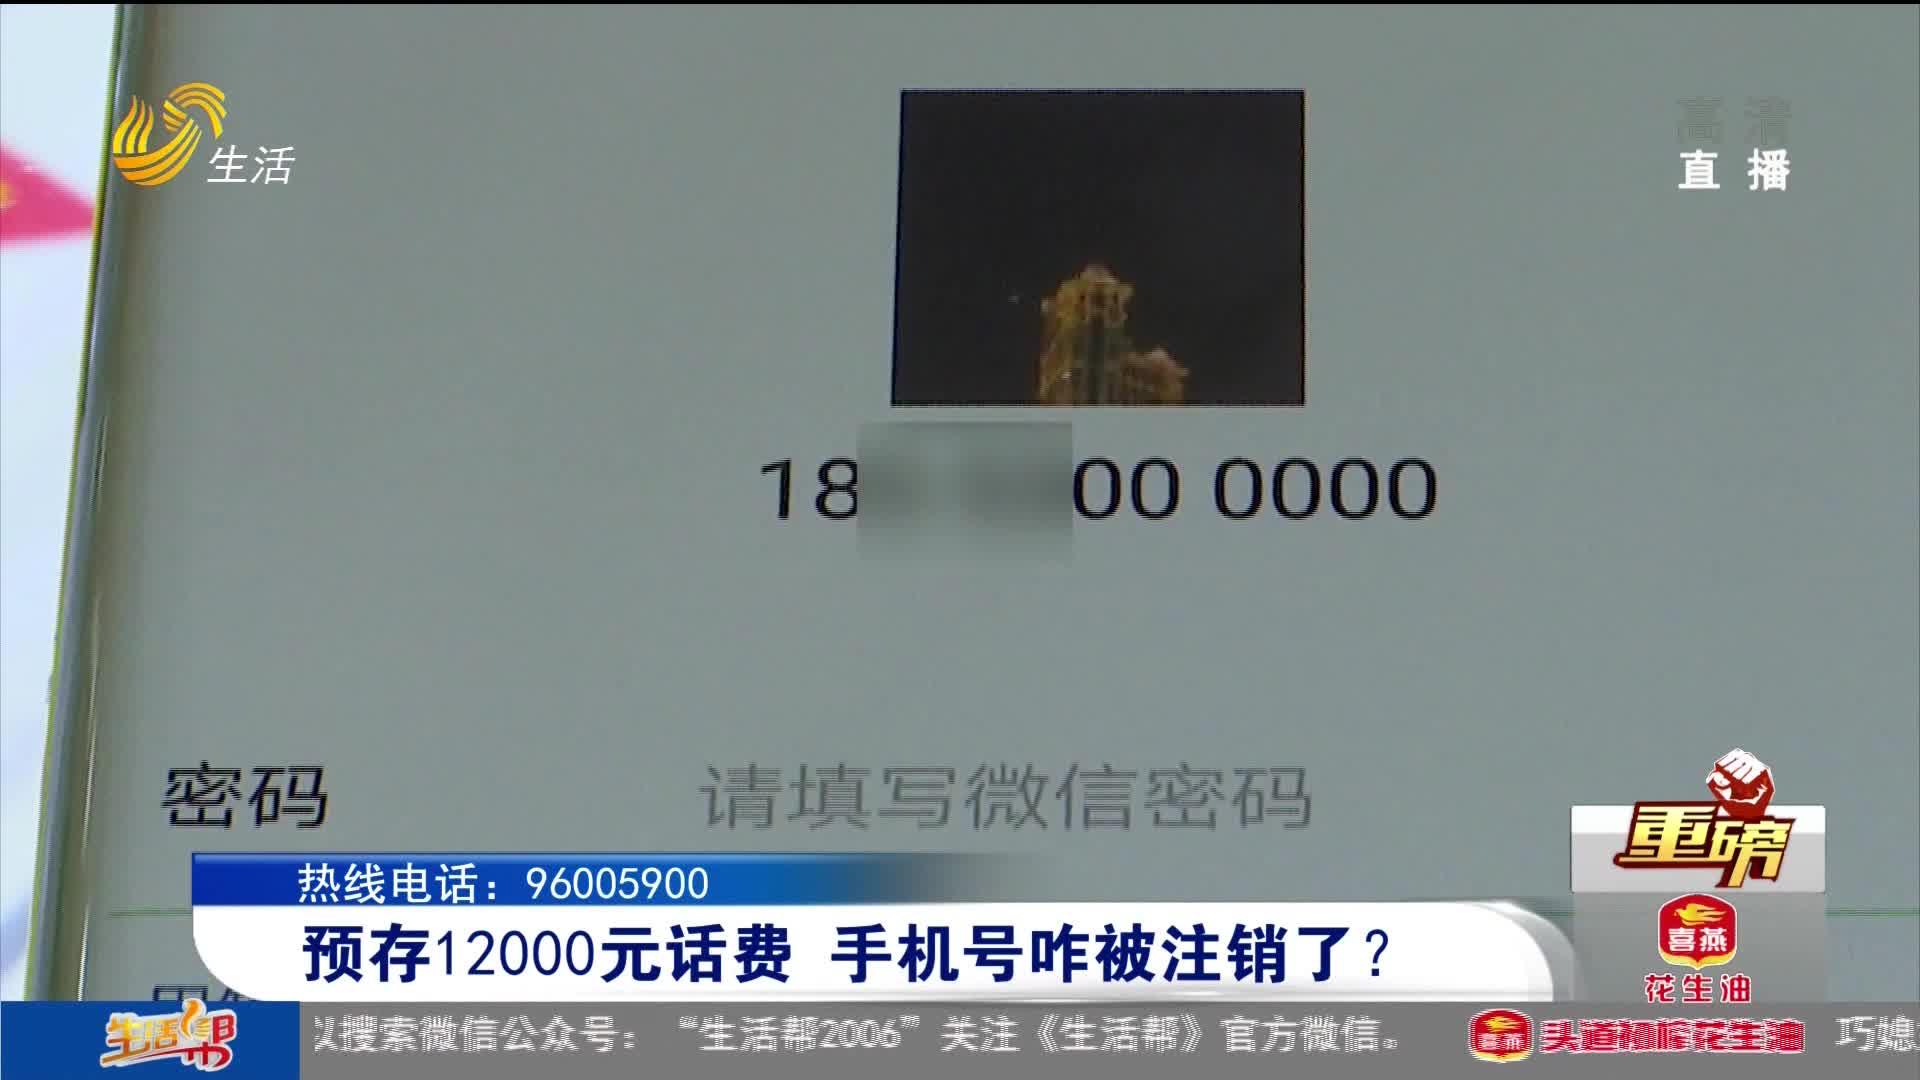 【重磅】预存12000元话费 手机号咋被注销了?